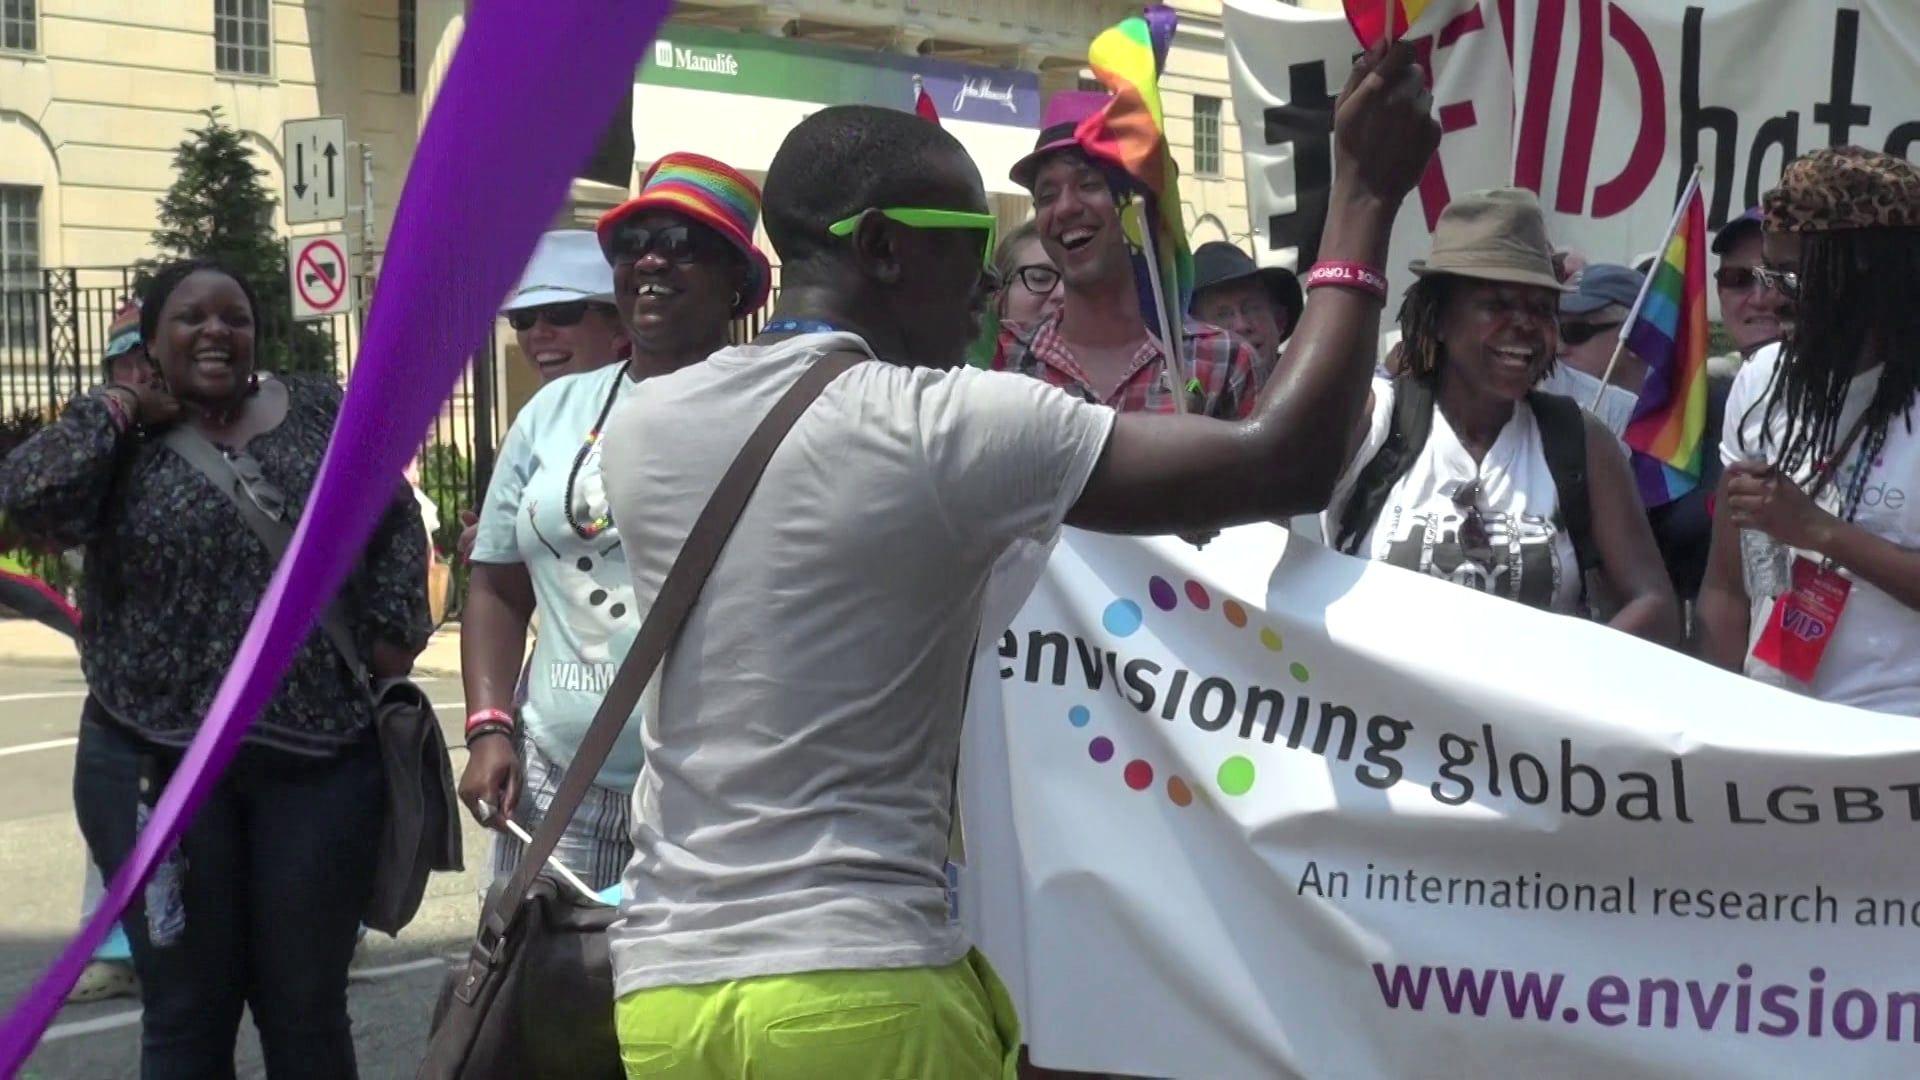 Envisioning Global LGBT Human Rights